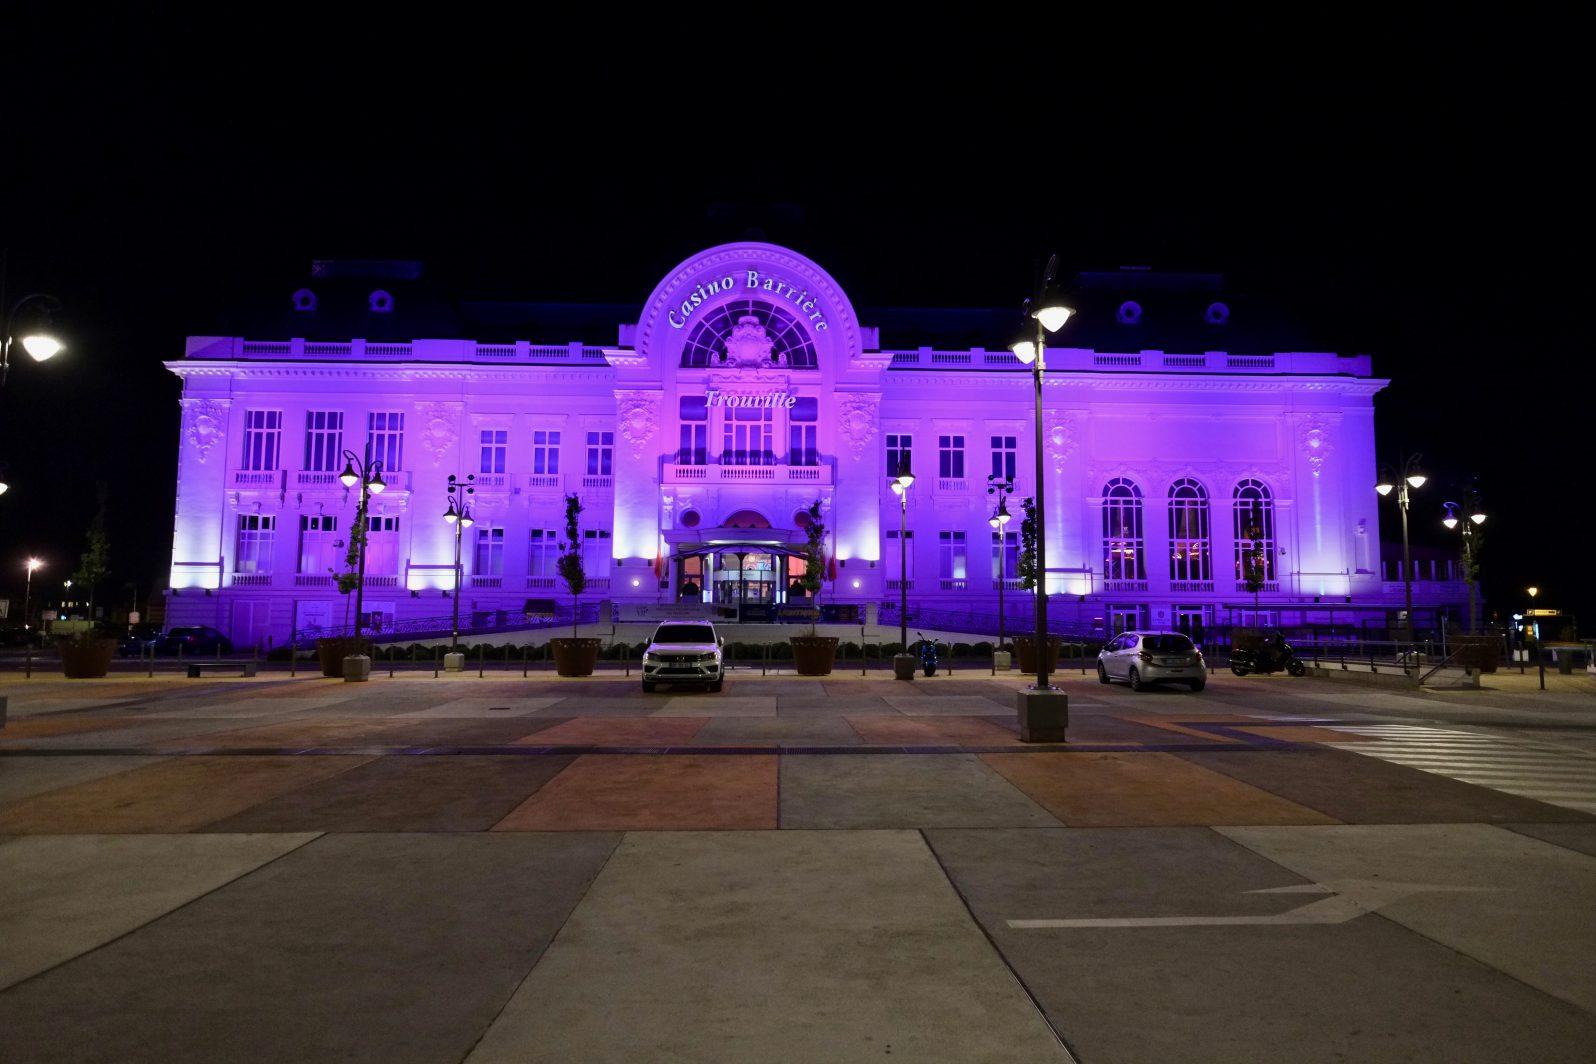 Le casino de Deauville pendant le nuit